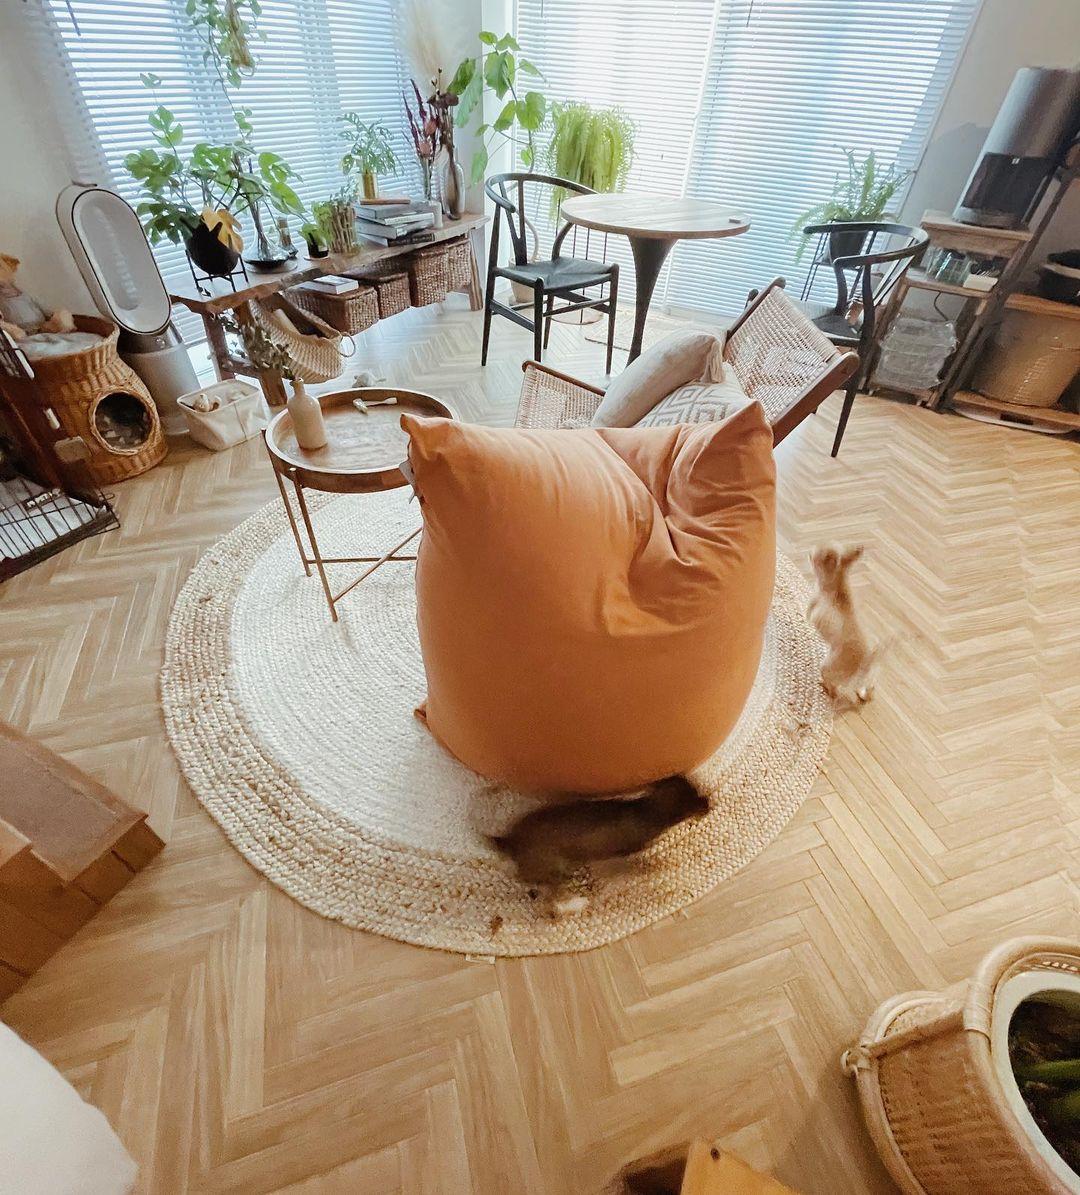 海外インテリア風のヘリンボーン柄の床は、自分でクッションフロアを敷いたもの。ワンちゃんにとっても歩きやすい素材です。